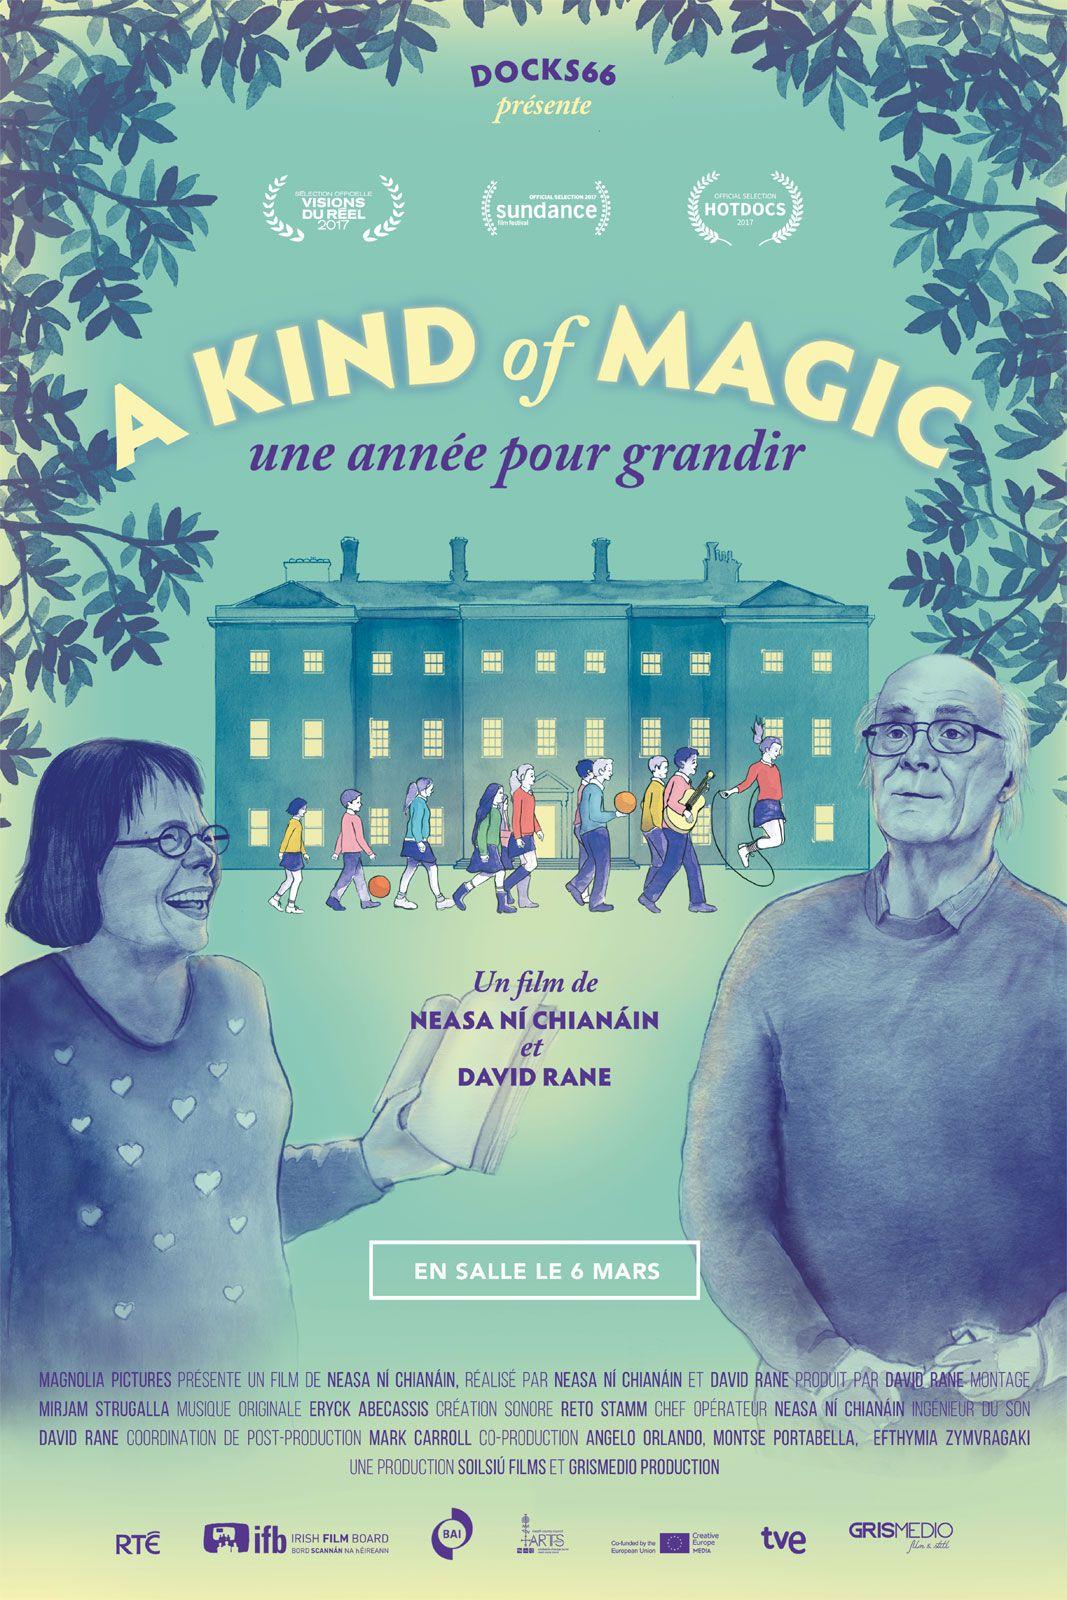 A Kind of Magic, une année pour grandir - Documentaire (2017)